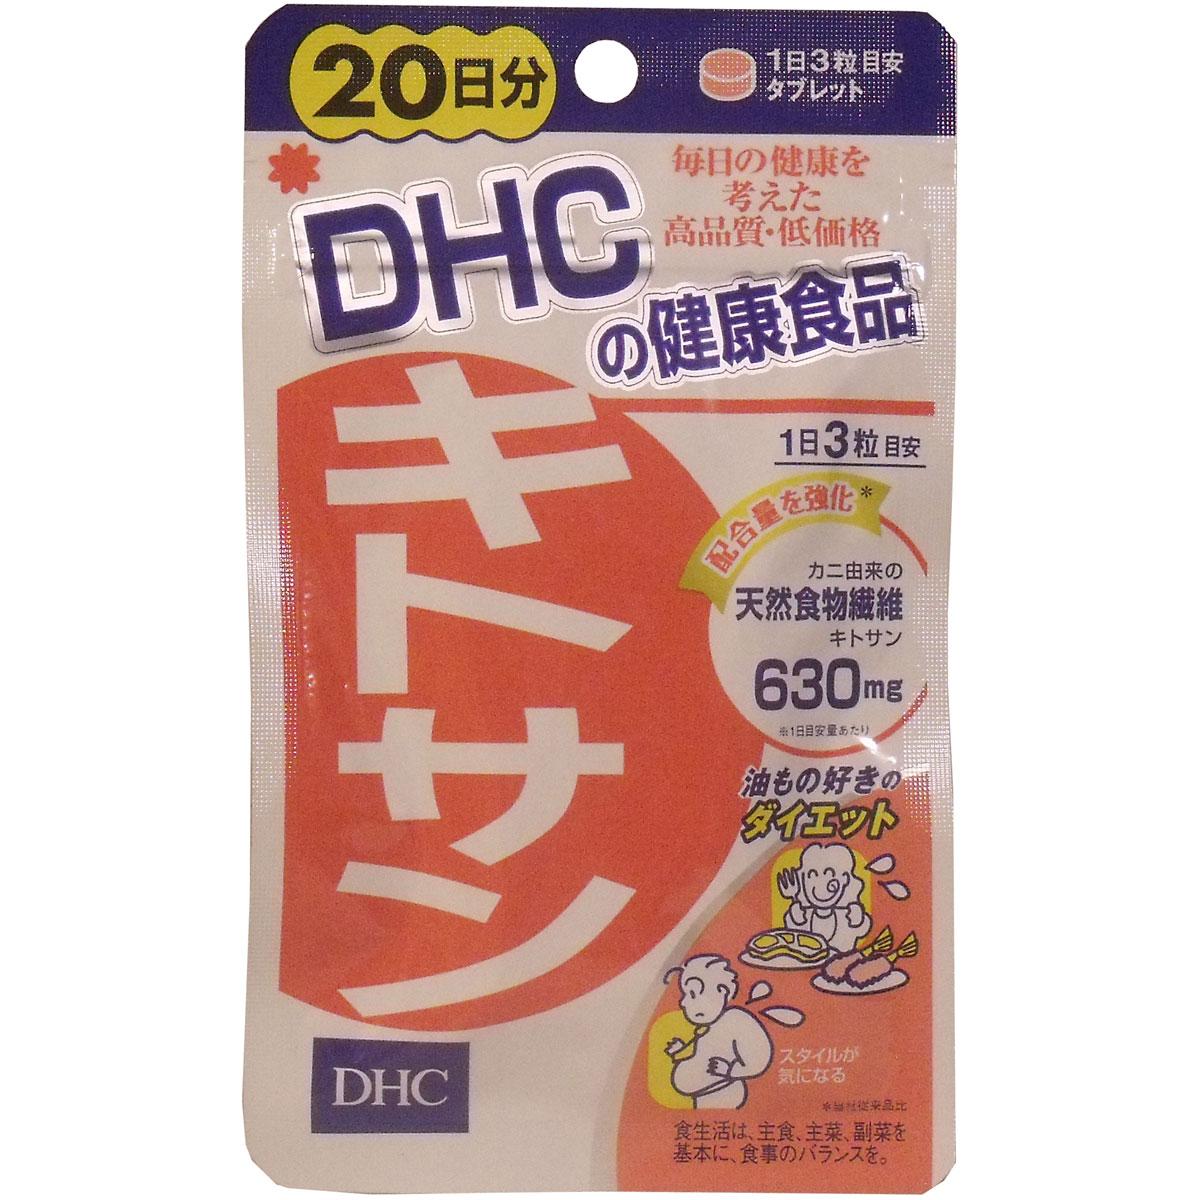 DHC 營養補給品 甲殼素 20日份(60粒)